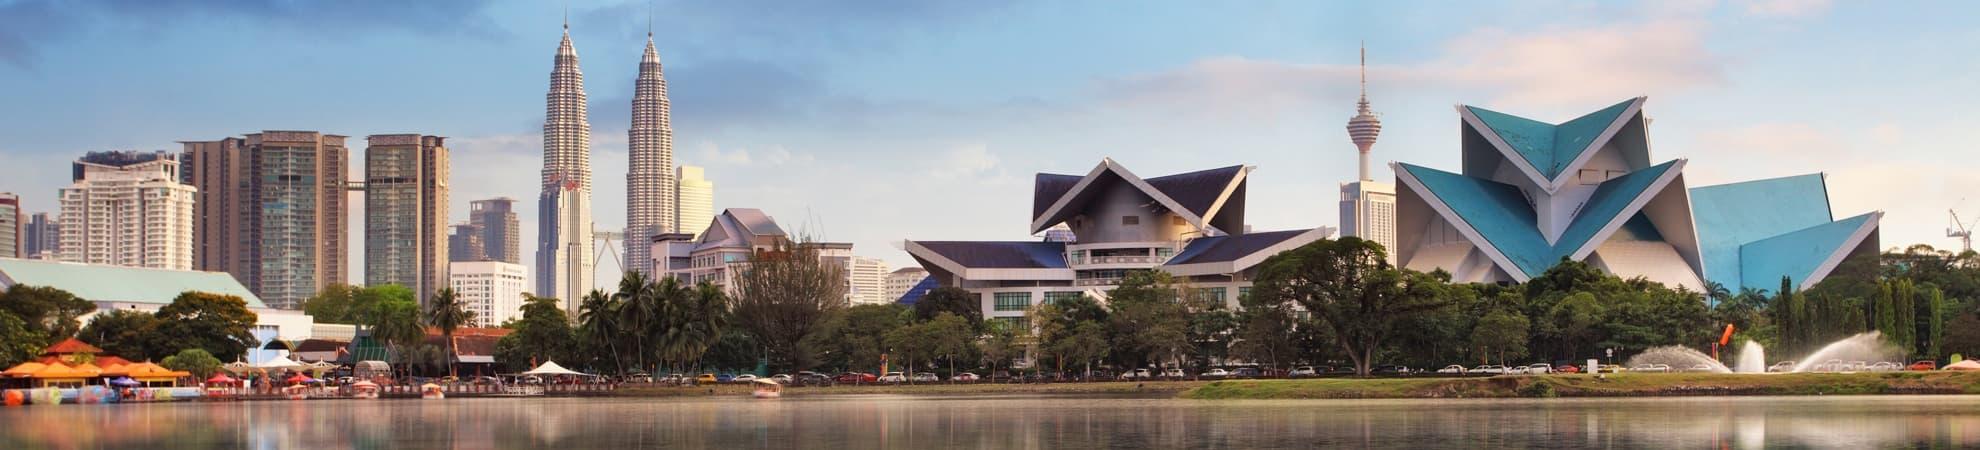 Informations pratiques Malaisie